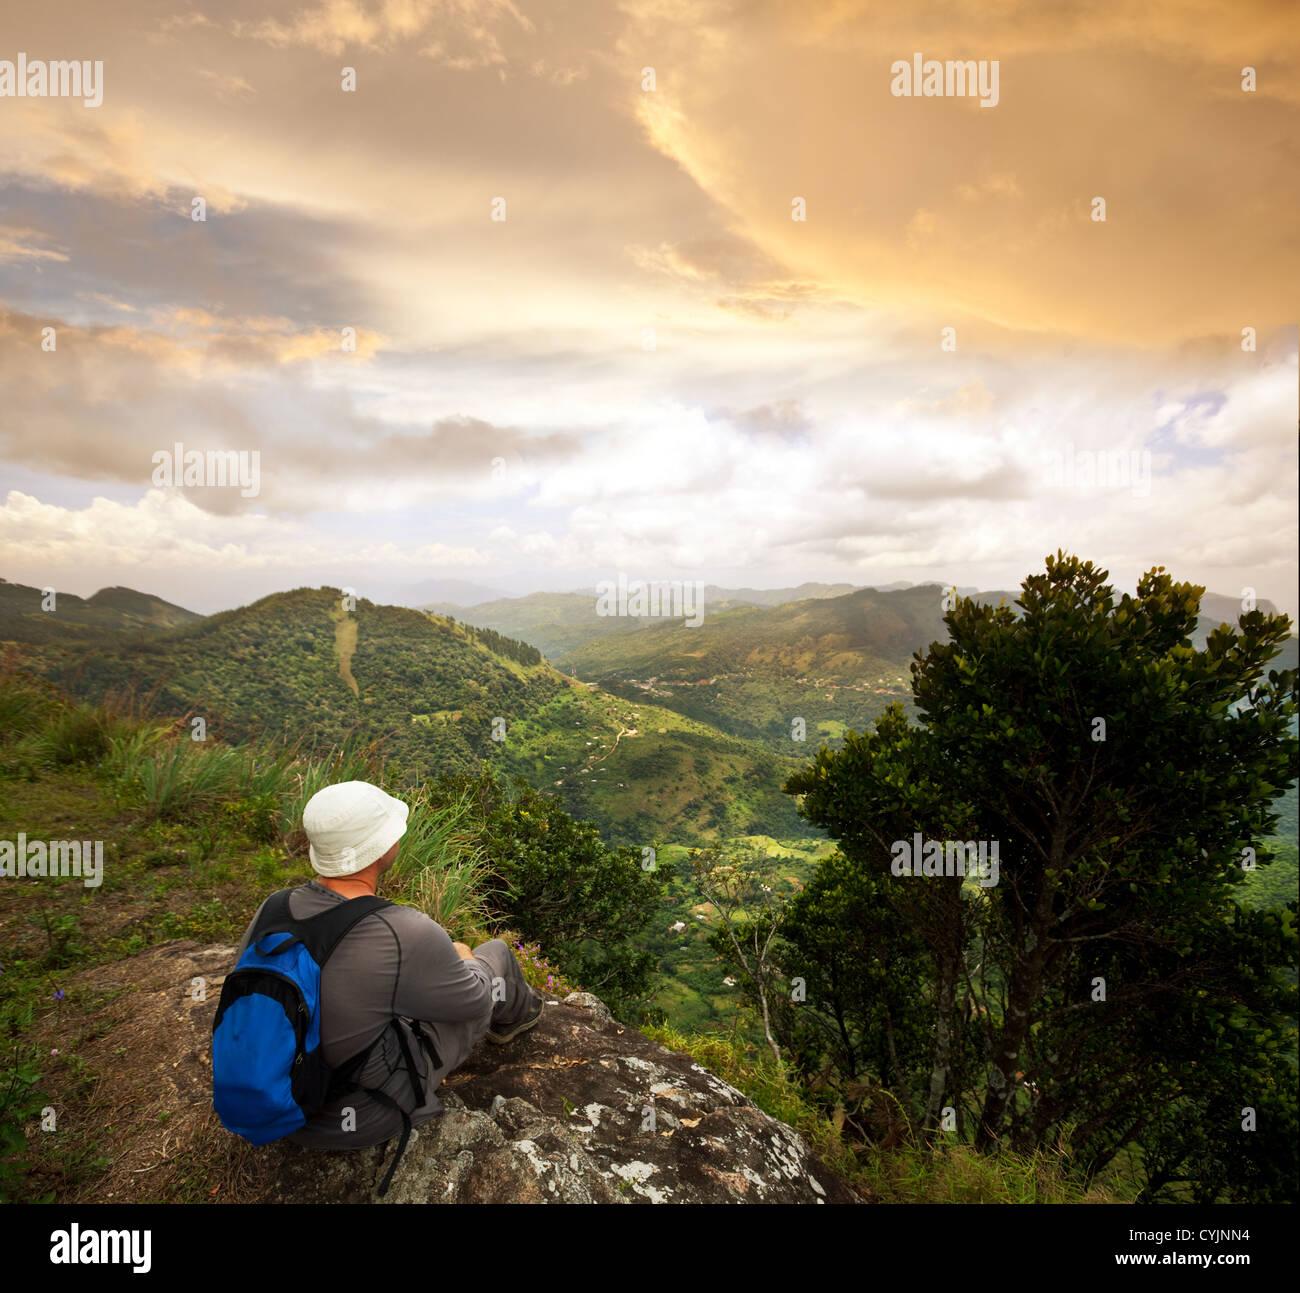 Escursionista in montagna Immagini Stock